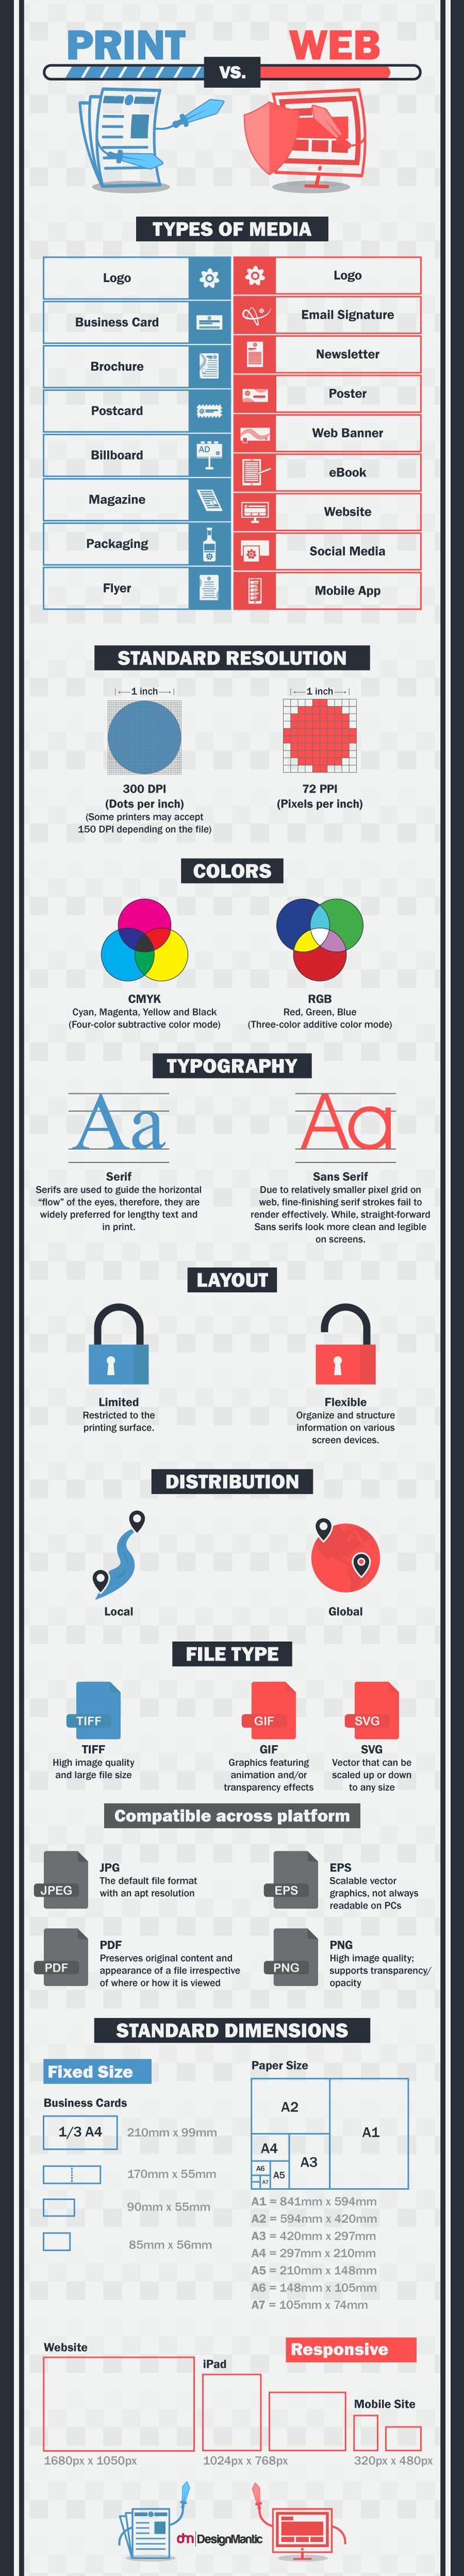 Esta infografía elaborada por DesignMantic muestra las diferencias que existen en el diseño de los medios impresos y digitales.